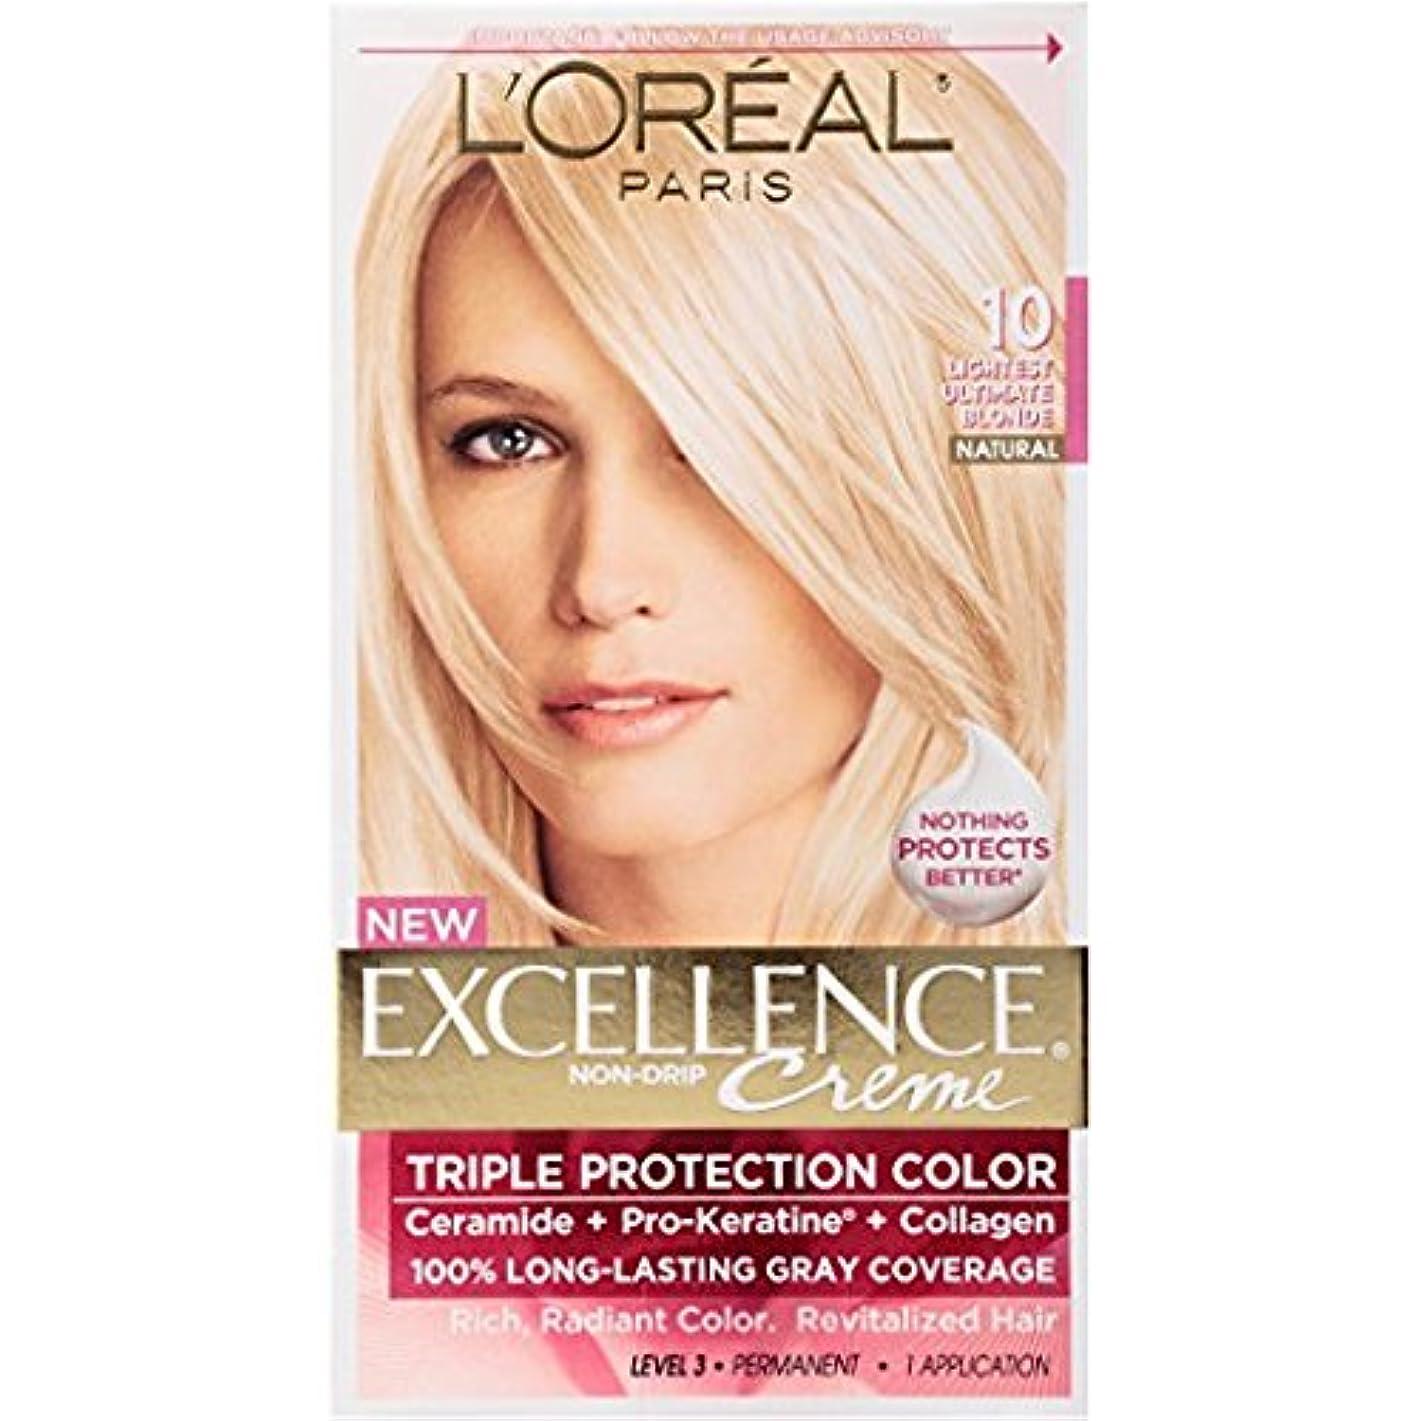 バラ色こねるジャケットロレアル L'Oreal Paris Excellence Creme Pro - Keratine 10 Light Ultimate Blonde ブロンド ヘアダイ [並行輸入品]